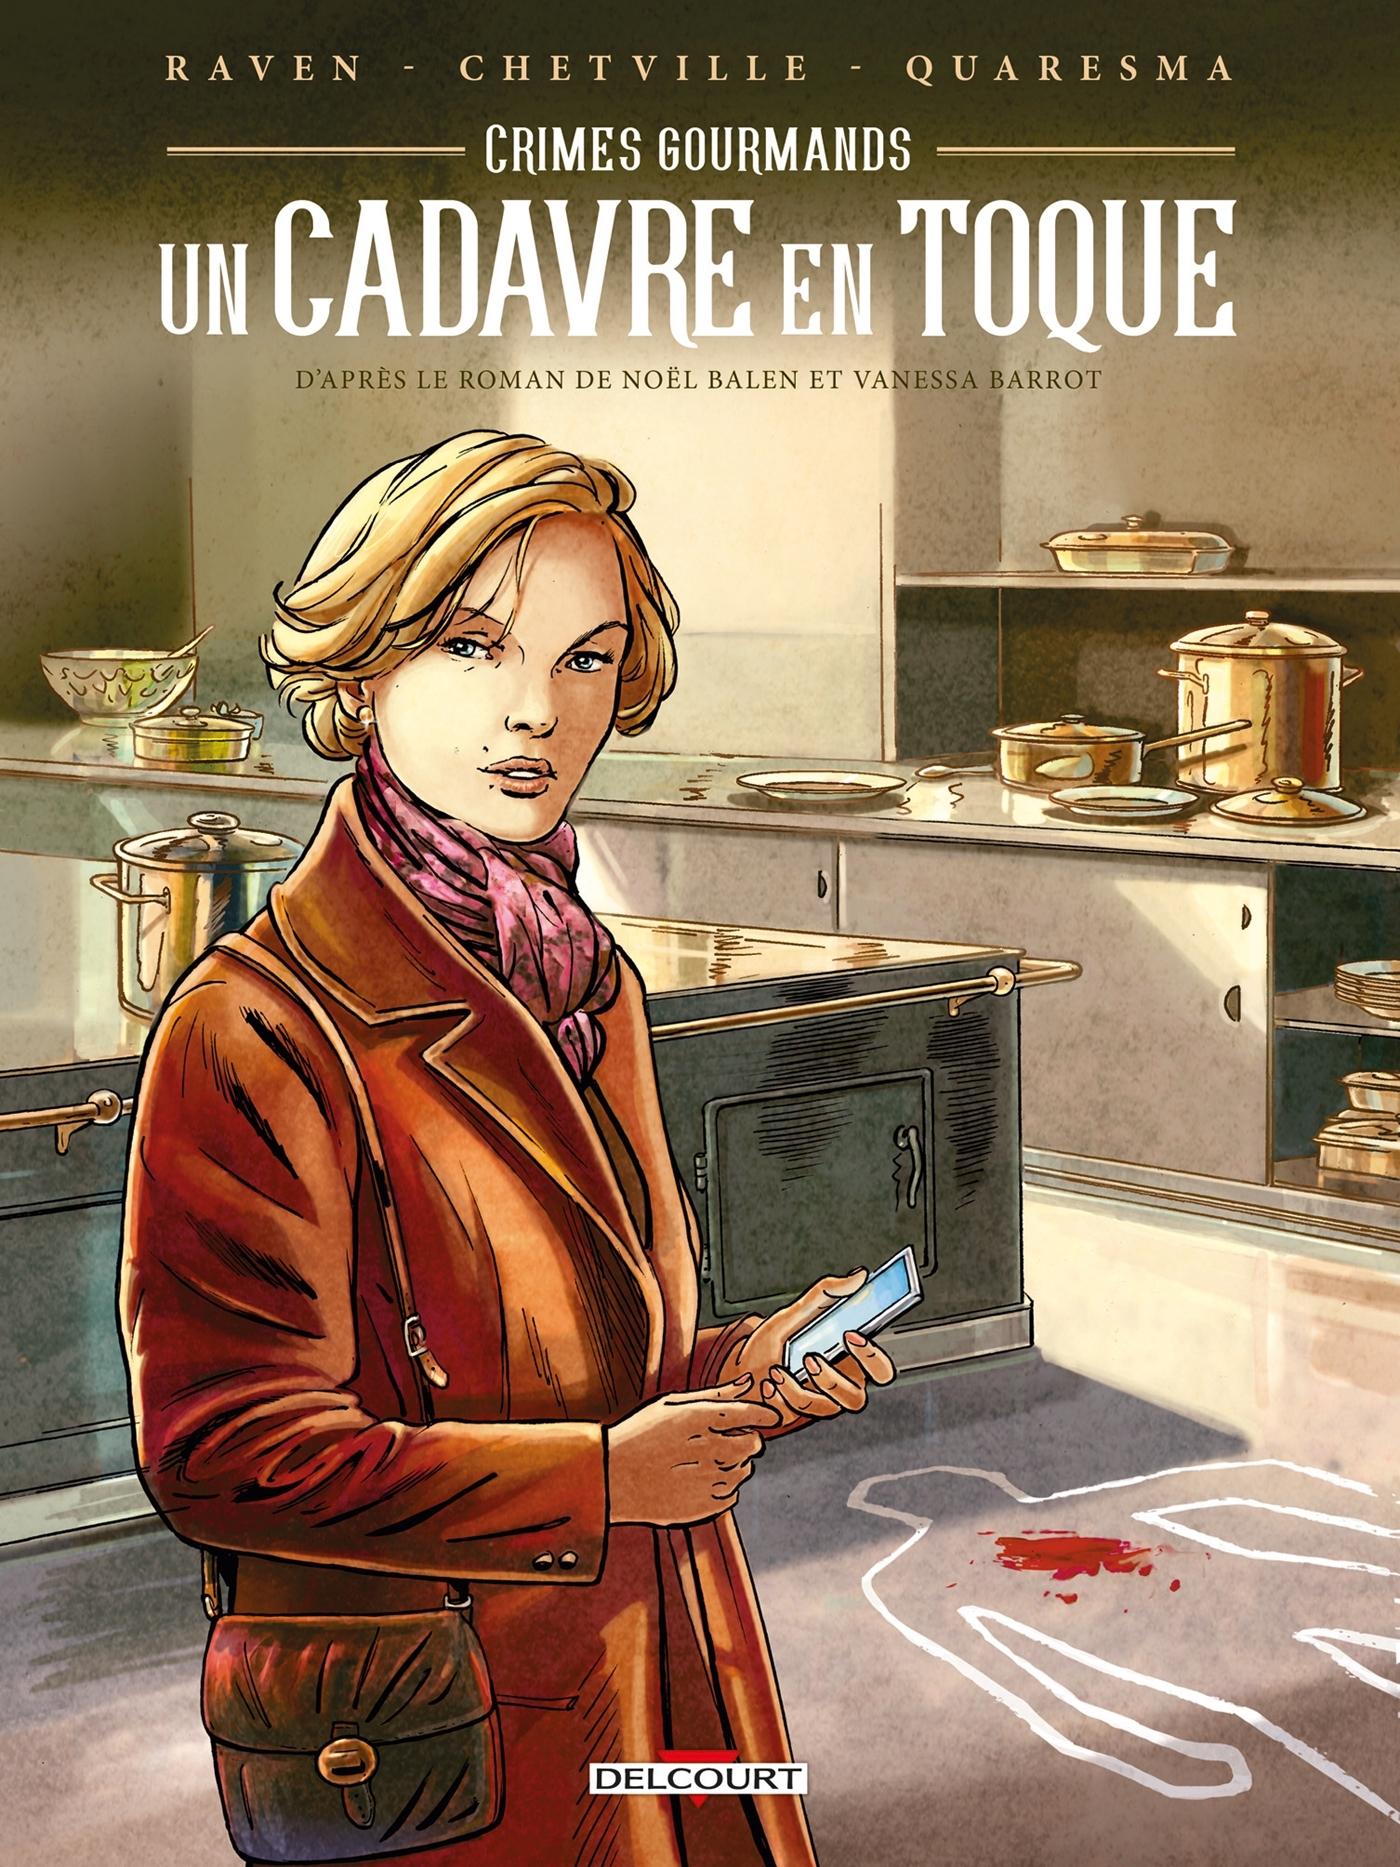 CRIMES GOURMANDS - UN CADAVRE EN TOQUE